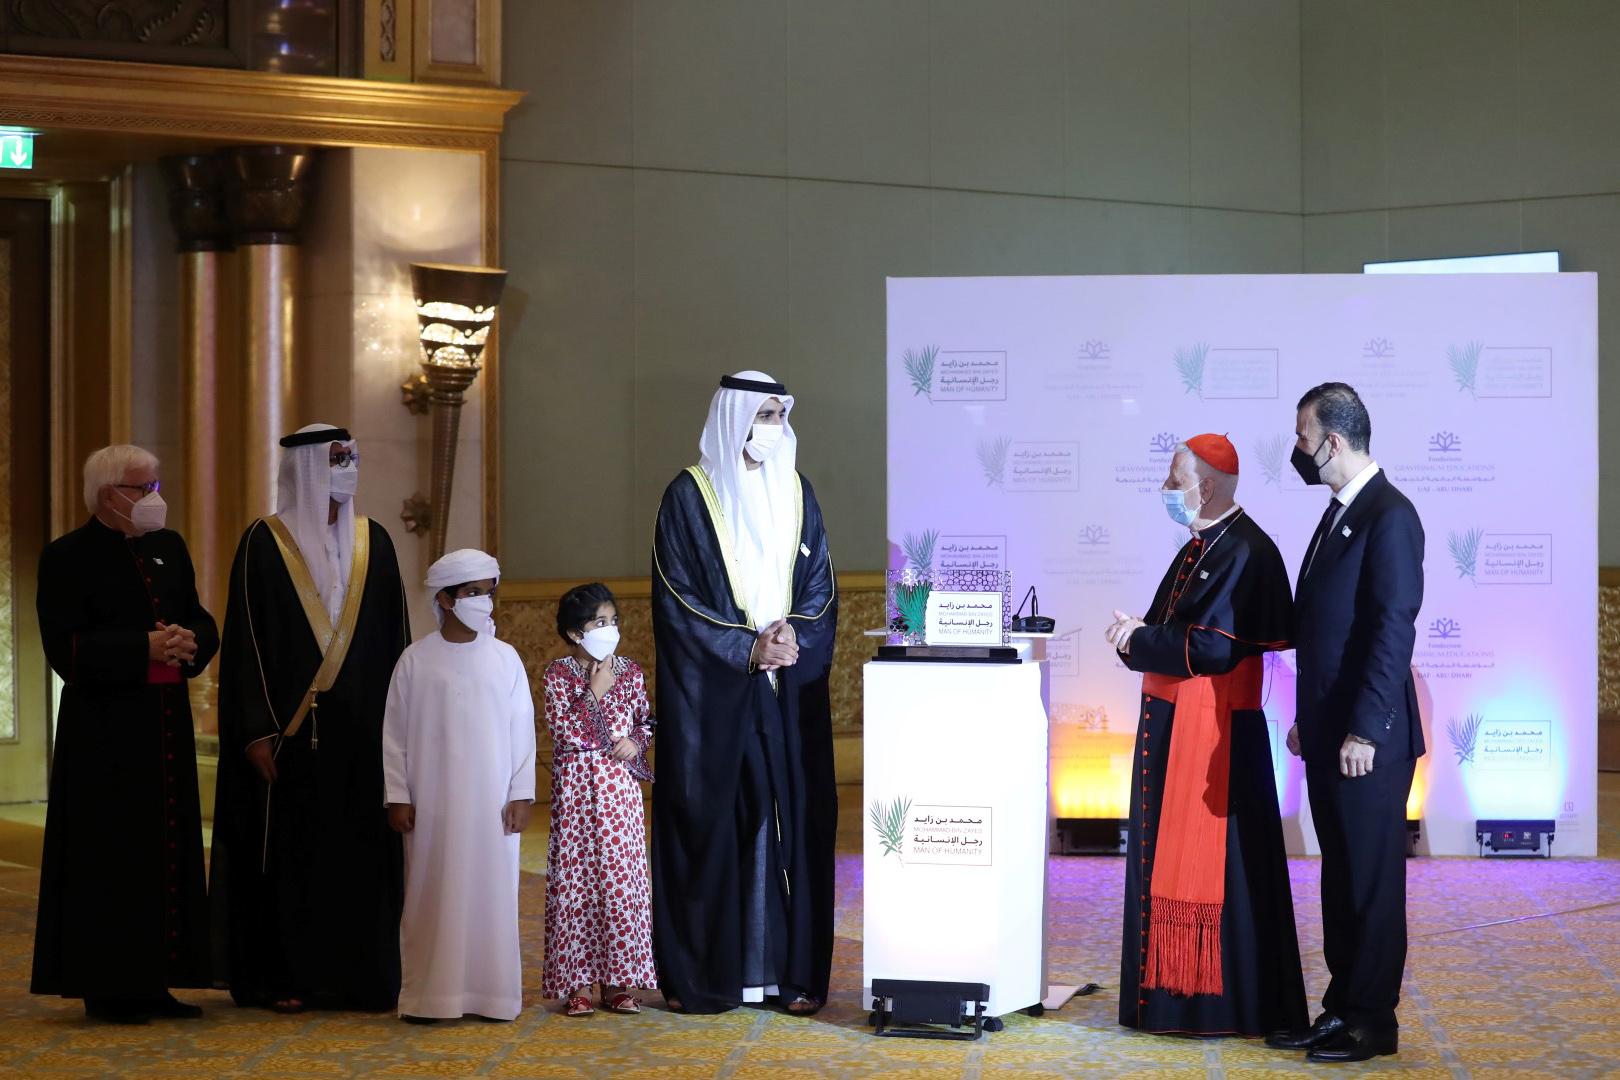 """المؤسسة البابوية التربوية التابعة للفاتيكان تمنح محمد بن زايد وسام """"رجل الإنسانية"""""""